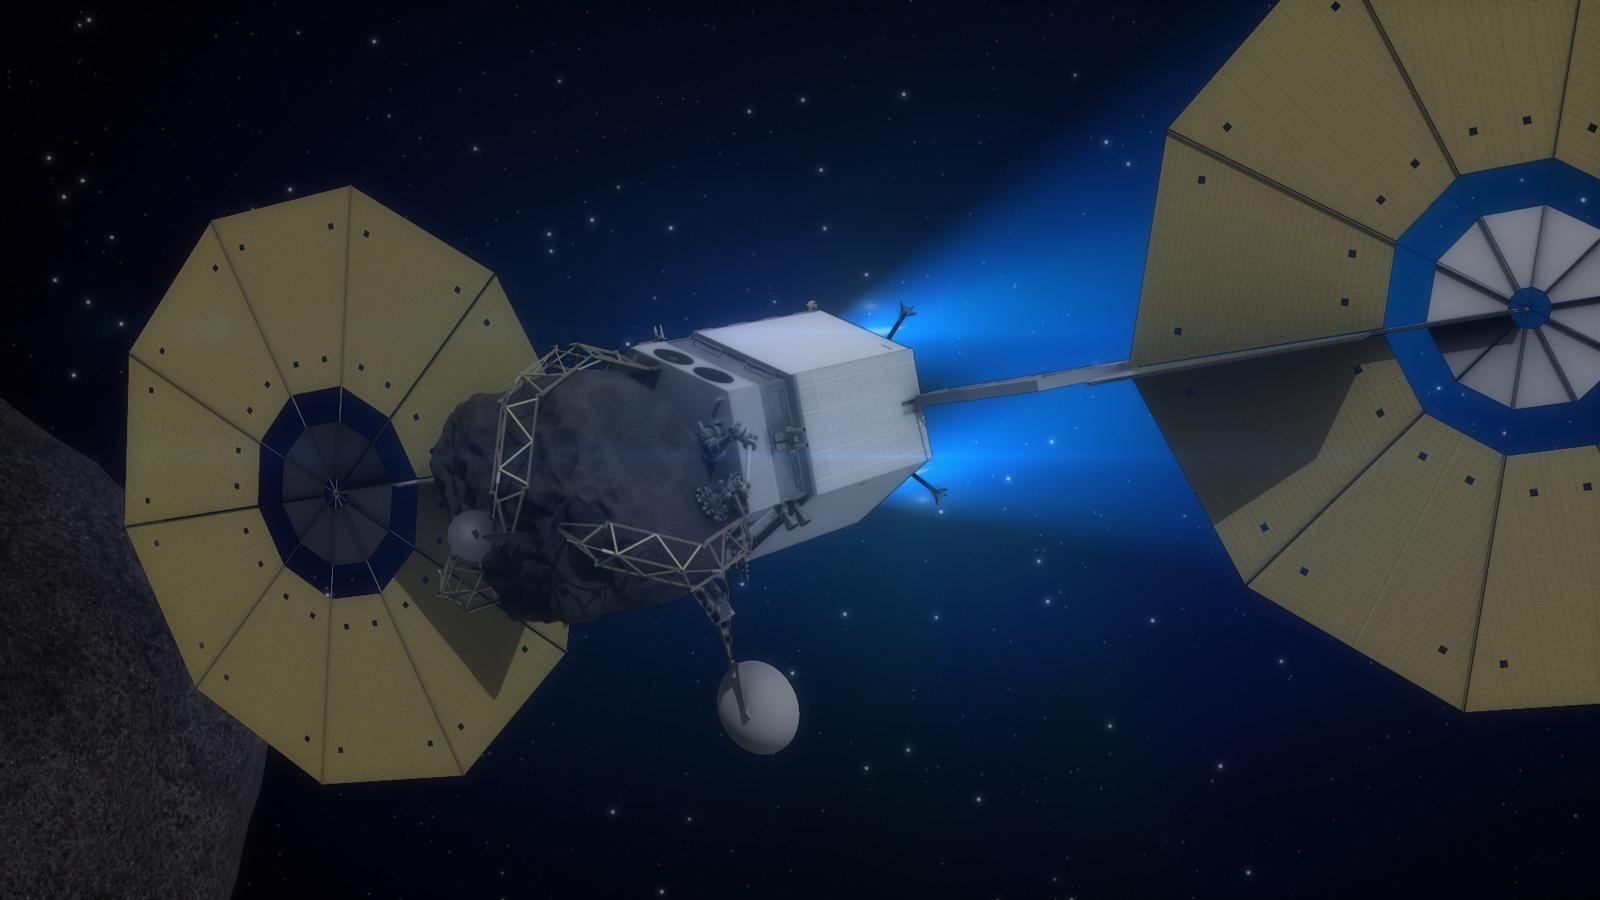 Sonda ARRM určená k dopravě asteroidu na oběžnou dráhu Měsíce. Zdroj: http://www.jpl.nasa.gov/